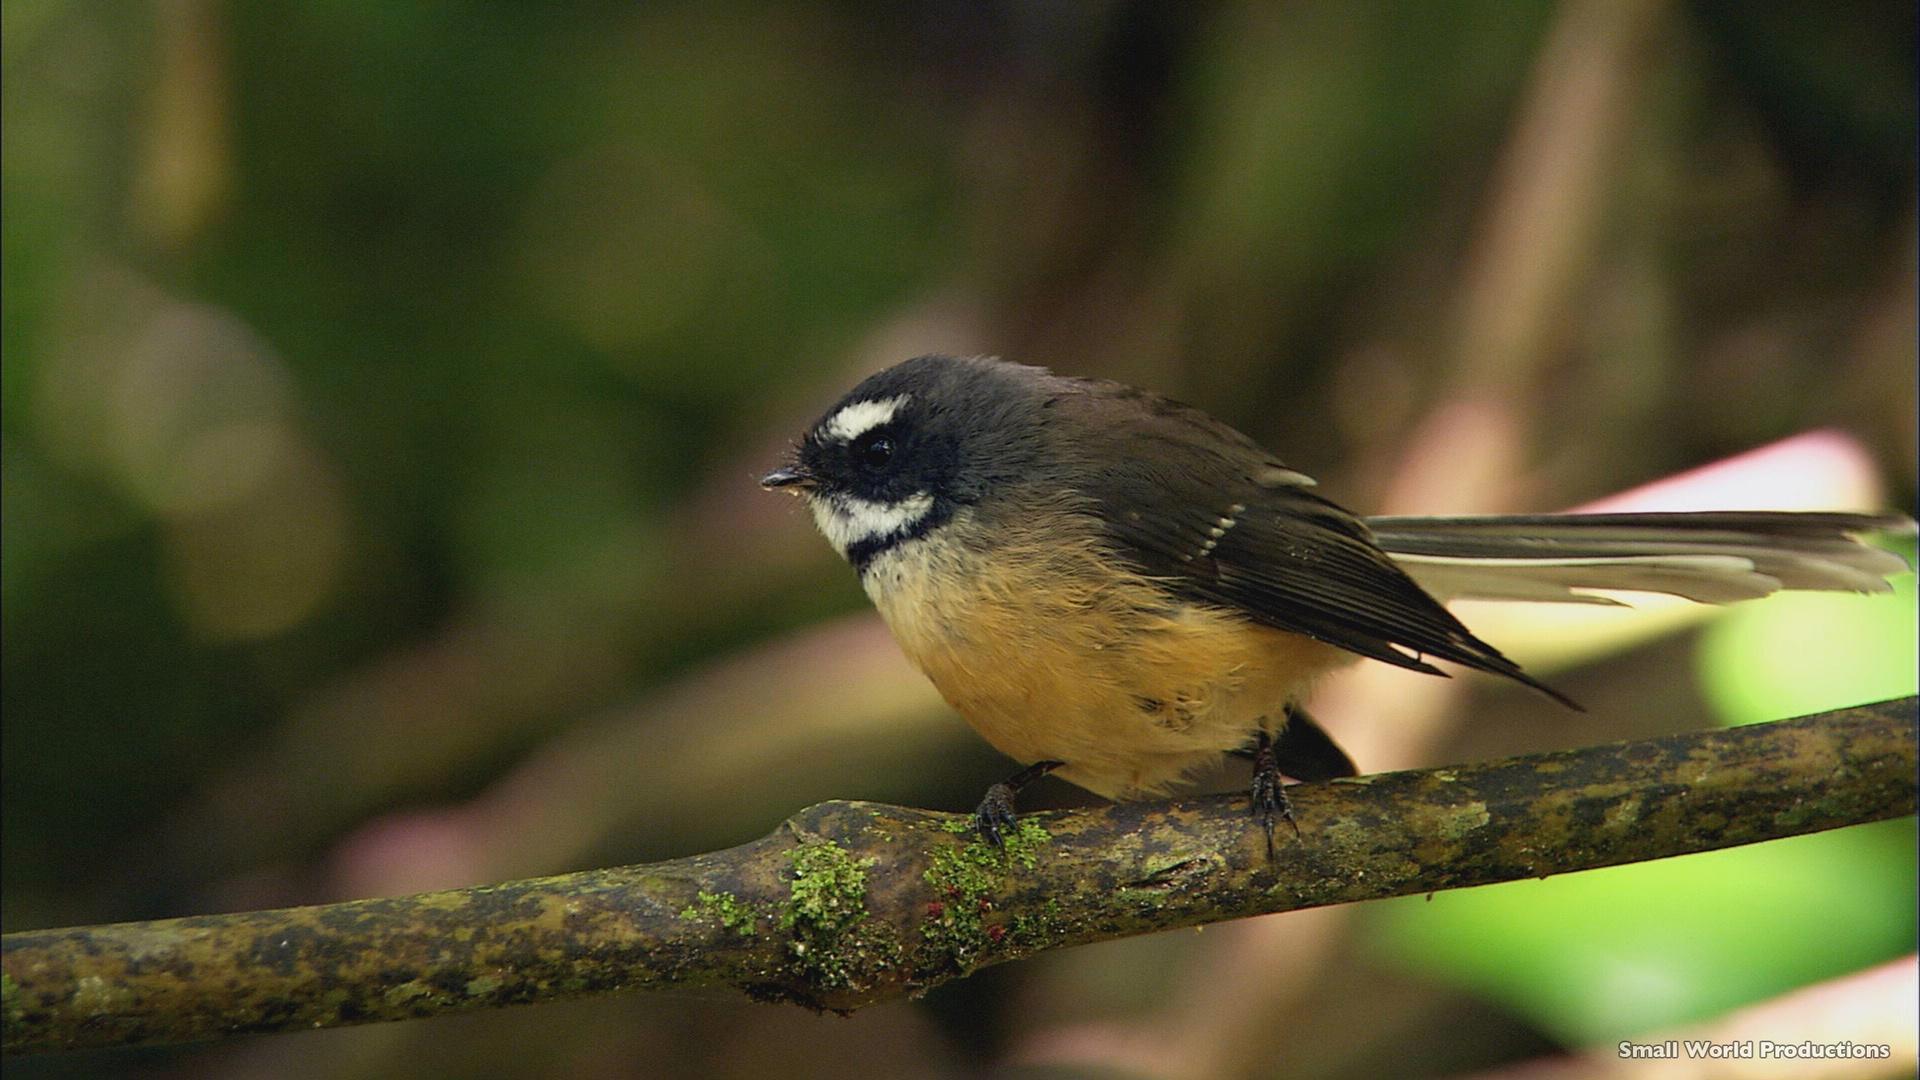 Russell birdlife